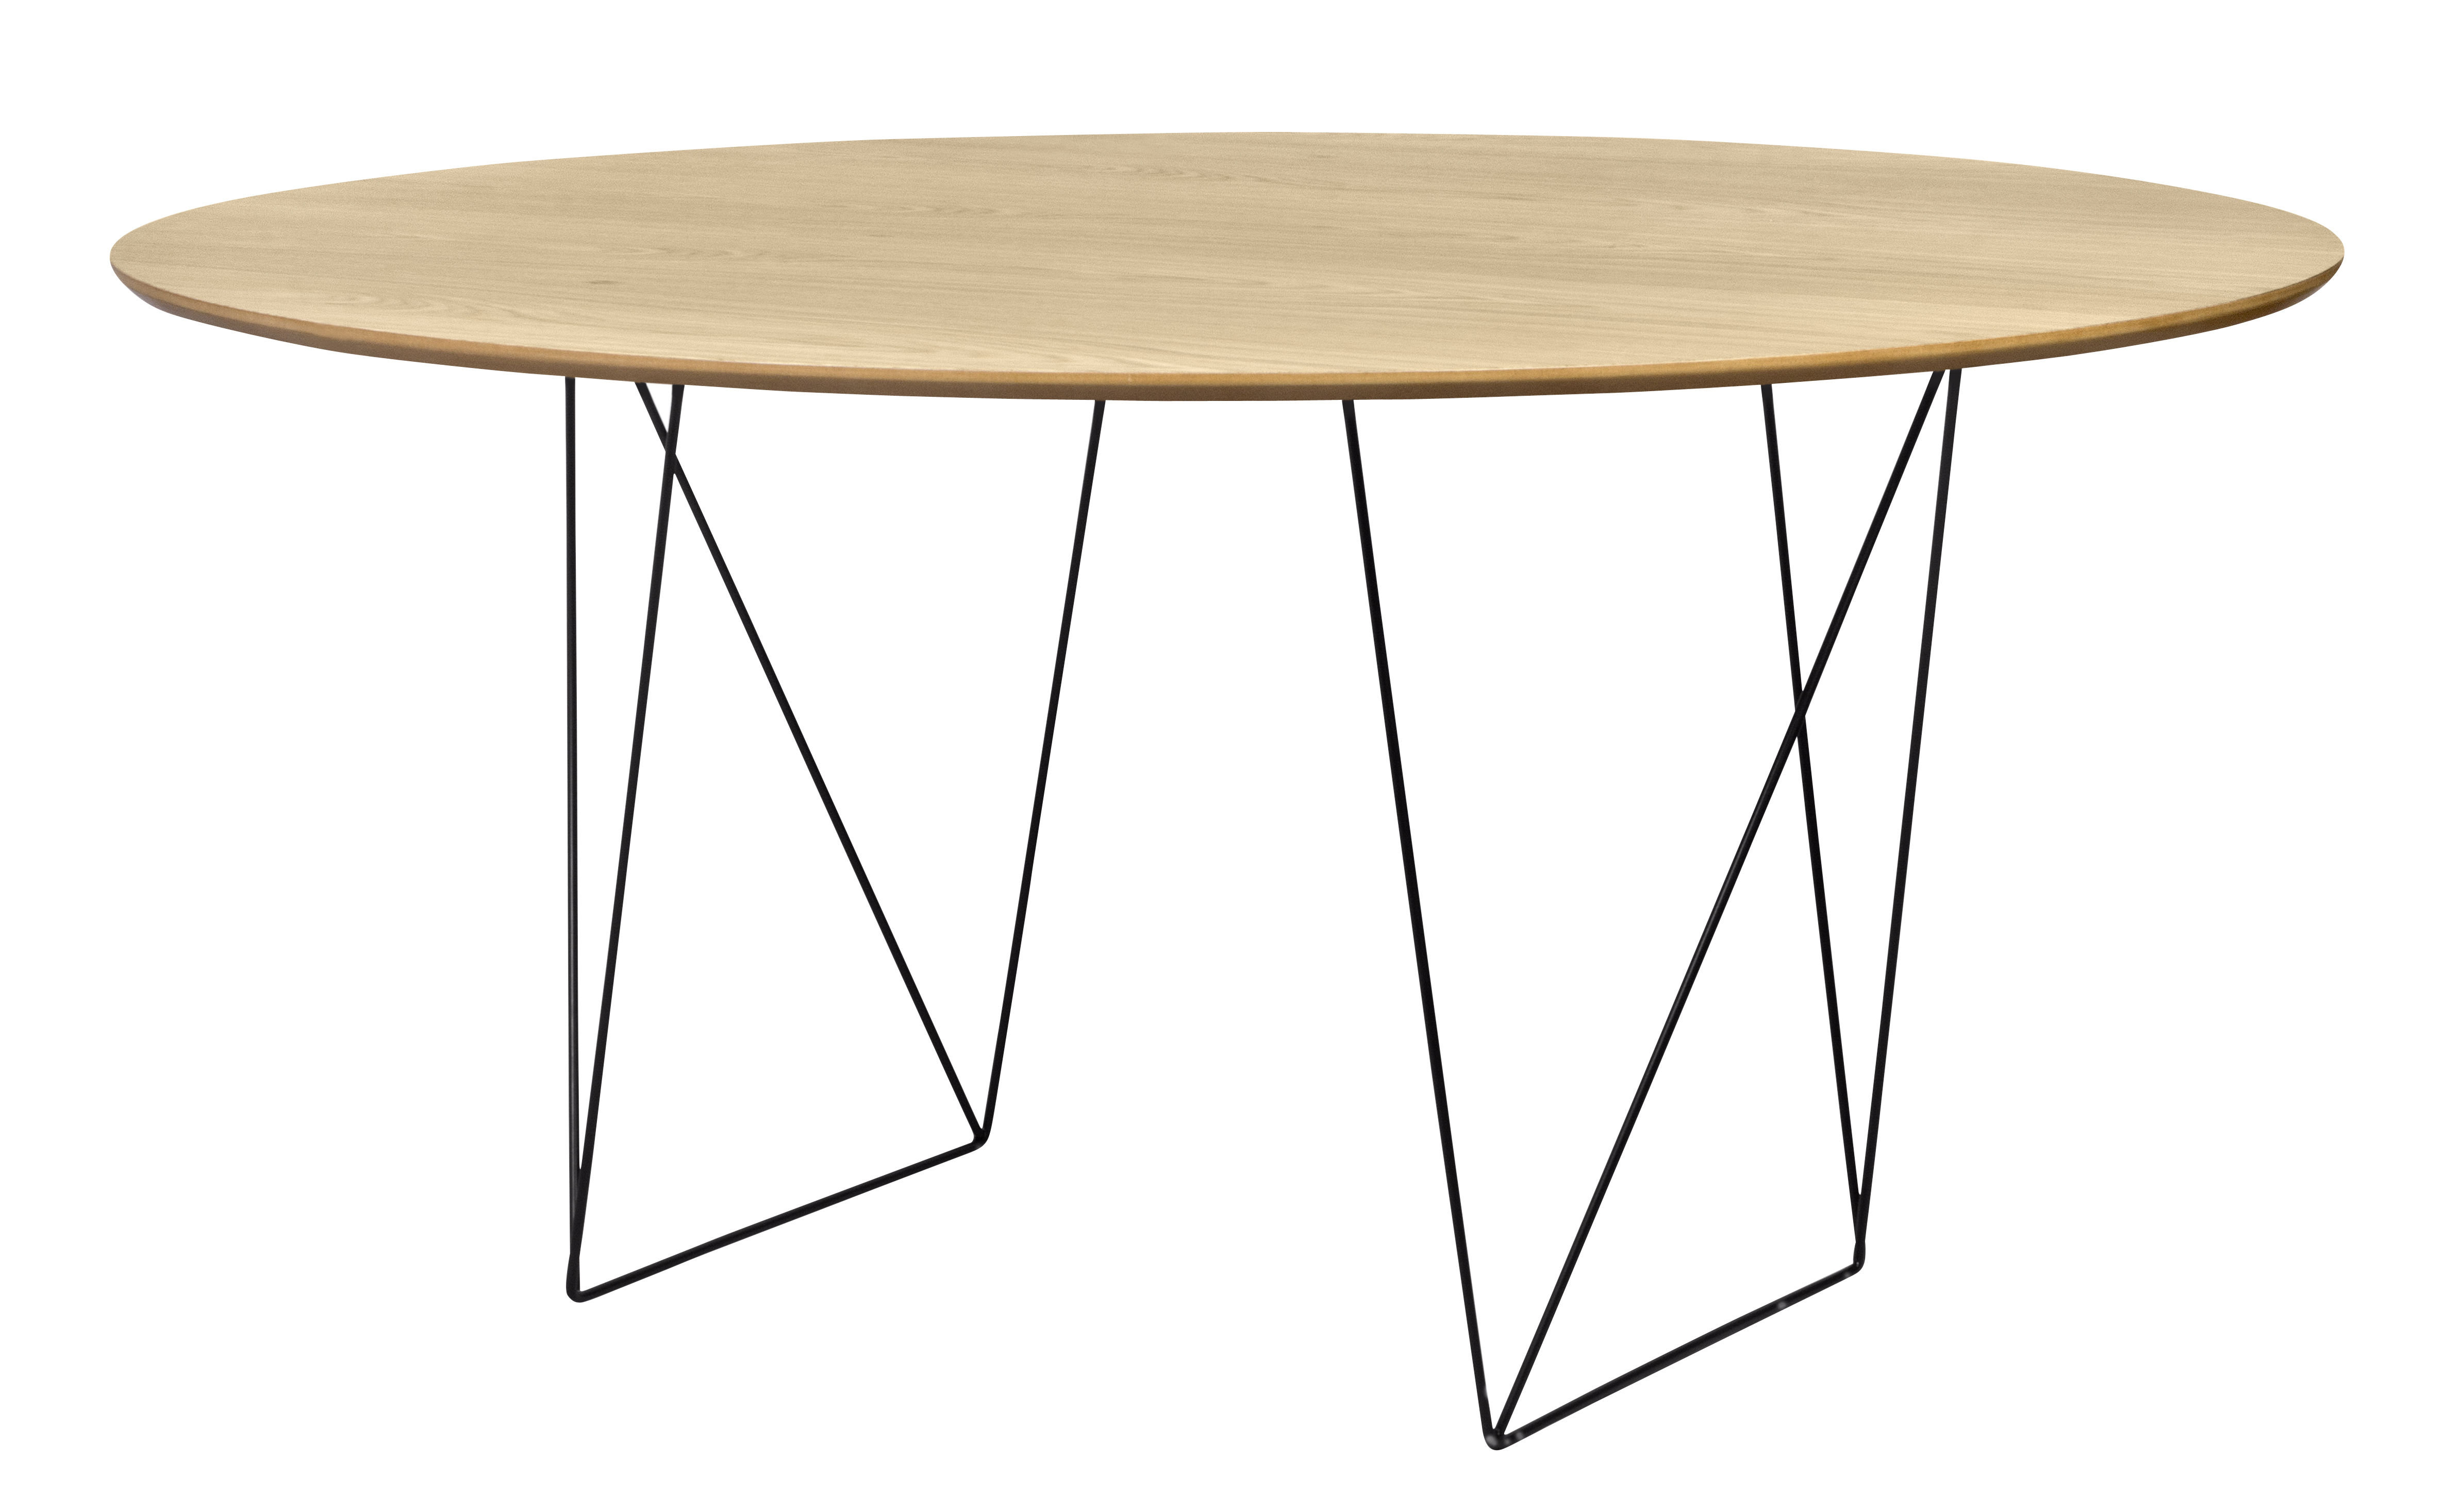 Tendances - À taaable ! - Table ronde Trestle / Ø 150 cm - POP UP HOME - Chêne / Pied noir - Métal laqué, Panneaux d'aggloméré plaqué chêne